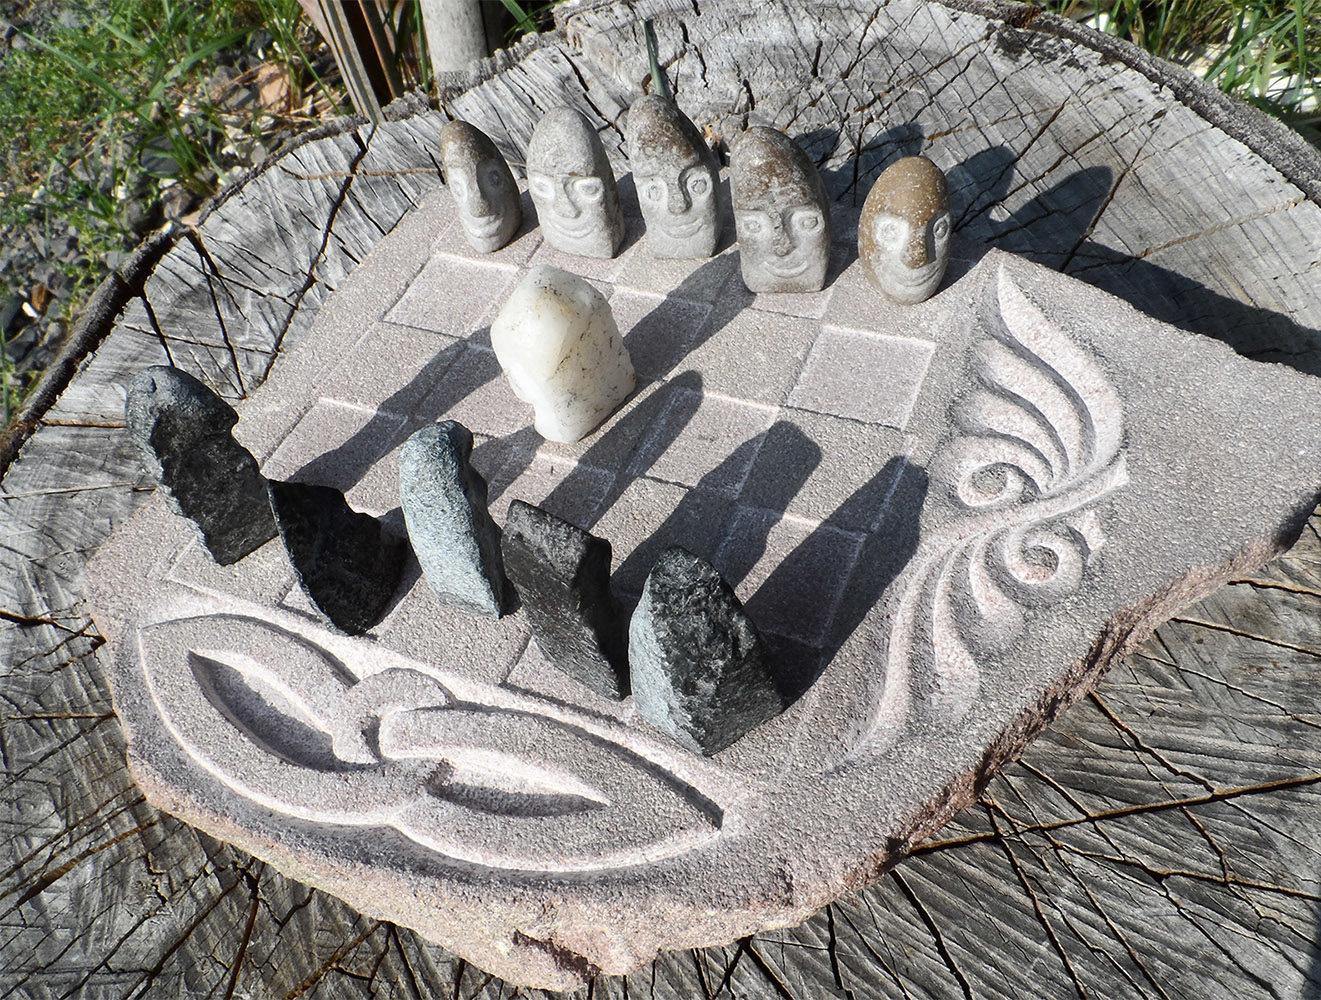 Bobail, jeu de stratégie. Plateau en grès et pions sculptés à partir d'un galet et des graviers.